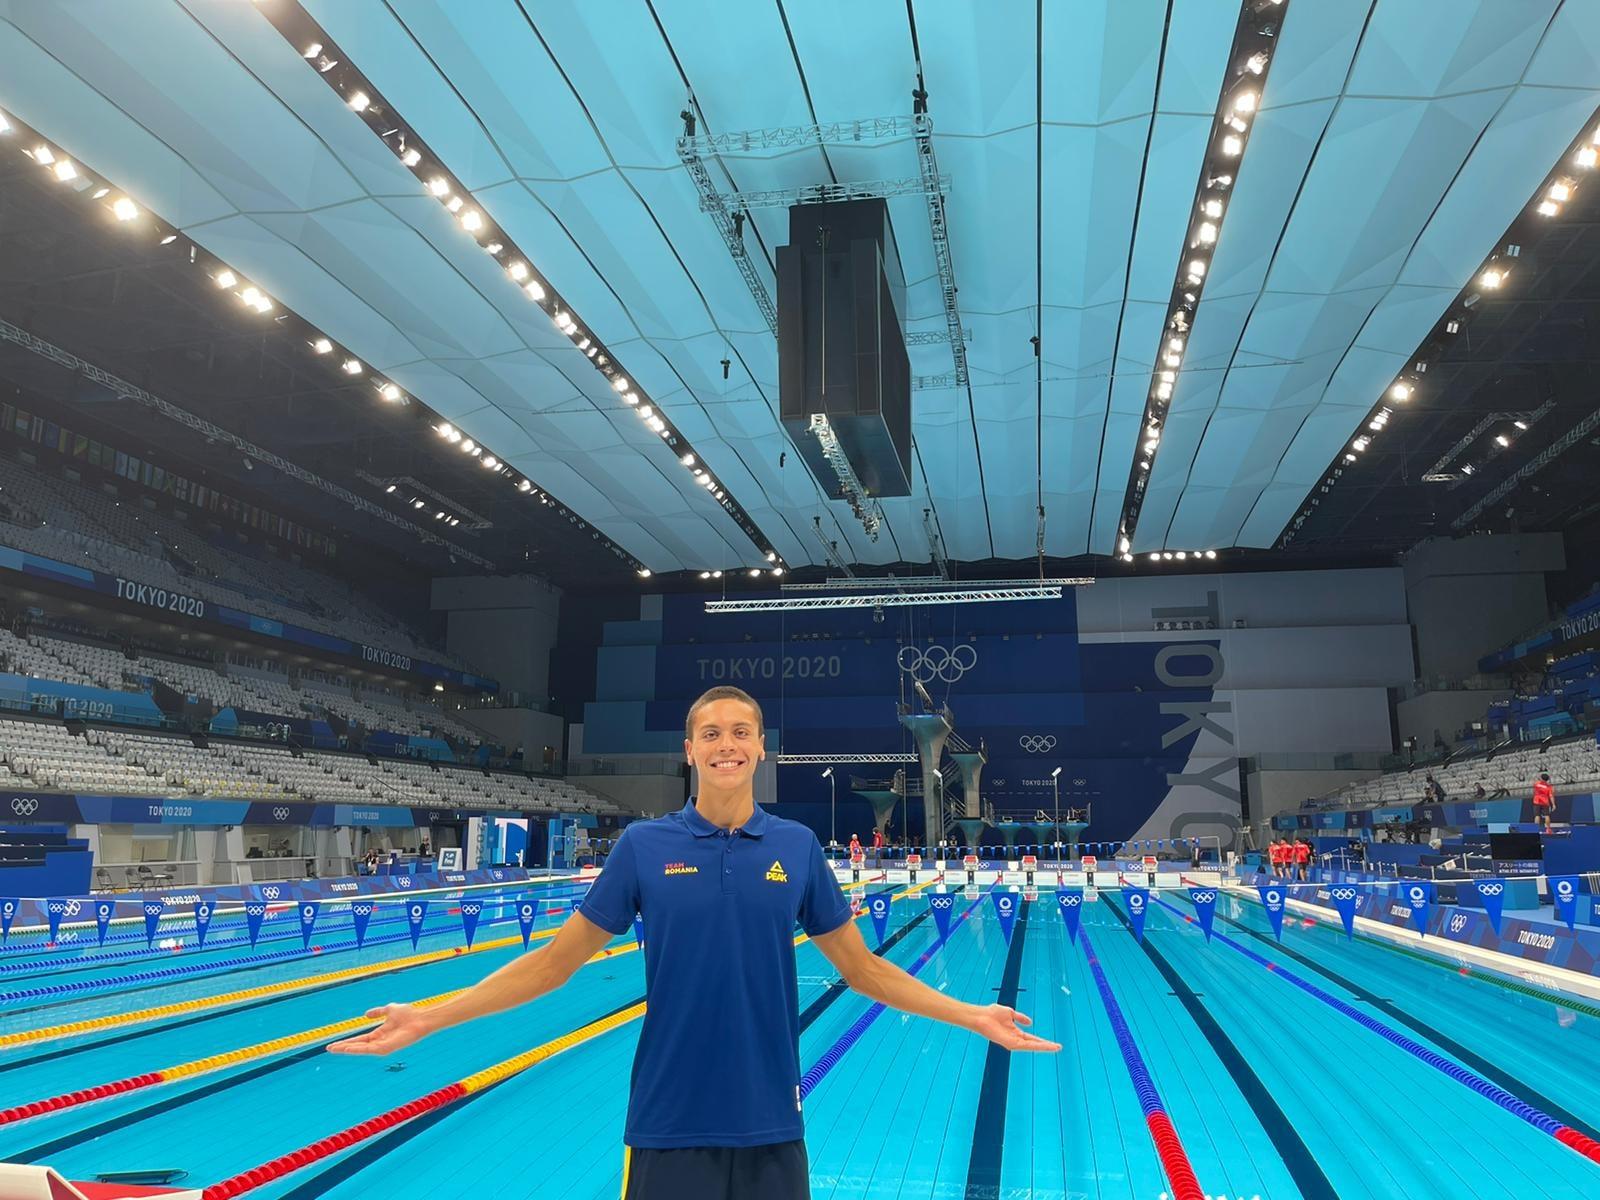 David Popovici, un adevărat fenomen recunoscut de presa mondială. Înotătorul român de 16 ani doboară record după record și impresionează la JO 2020